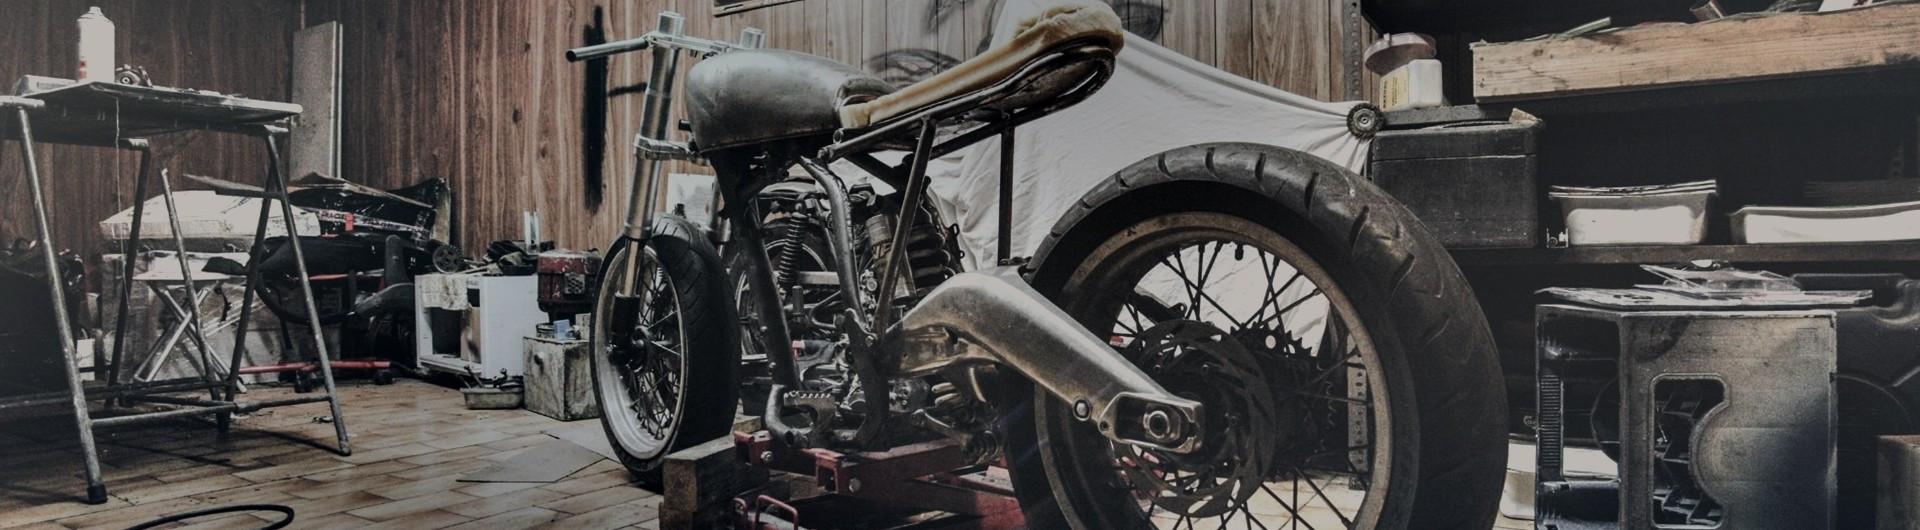 Motoczęści24h - Warsztat motocyklowy, narzędzia i urządzenia